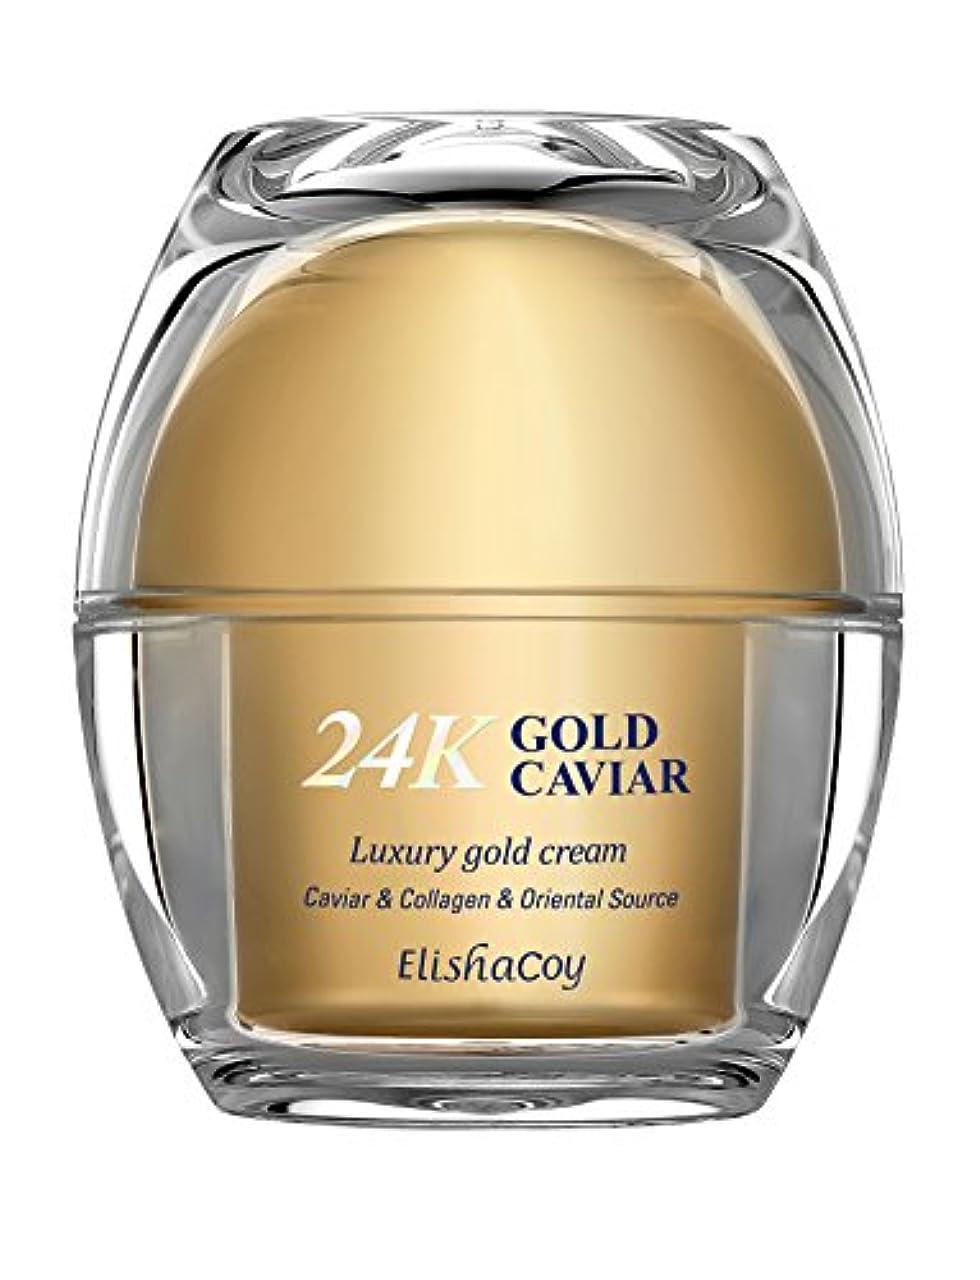 あそこ代名詞最初に保湿クリーム エリシャコイ24Kゴールドキャビアクリーム50g